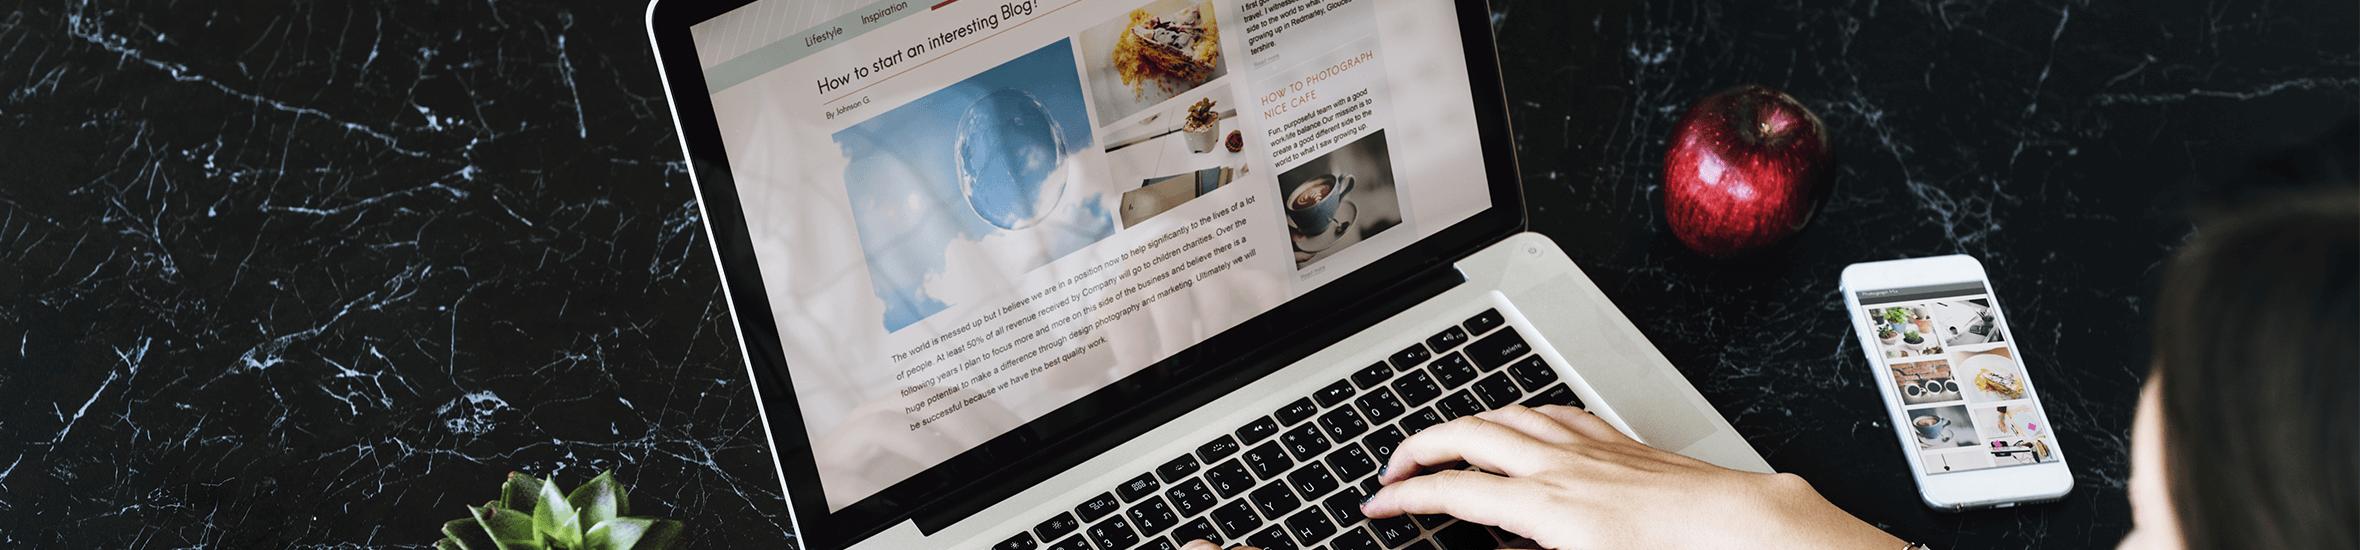 7 raisons de créer son blog d'entreprise